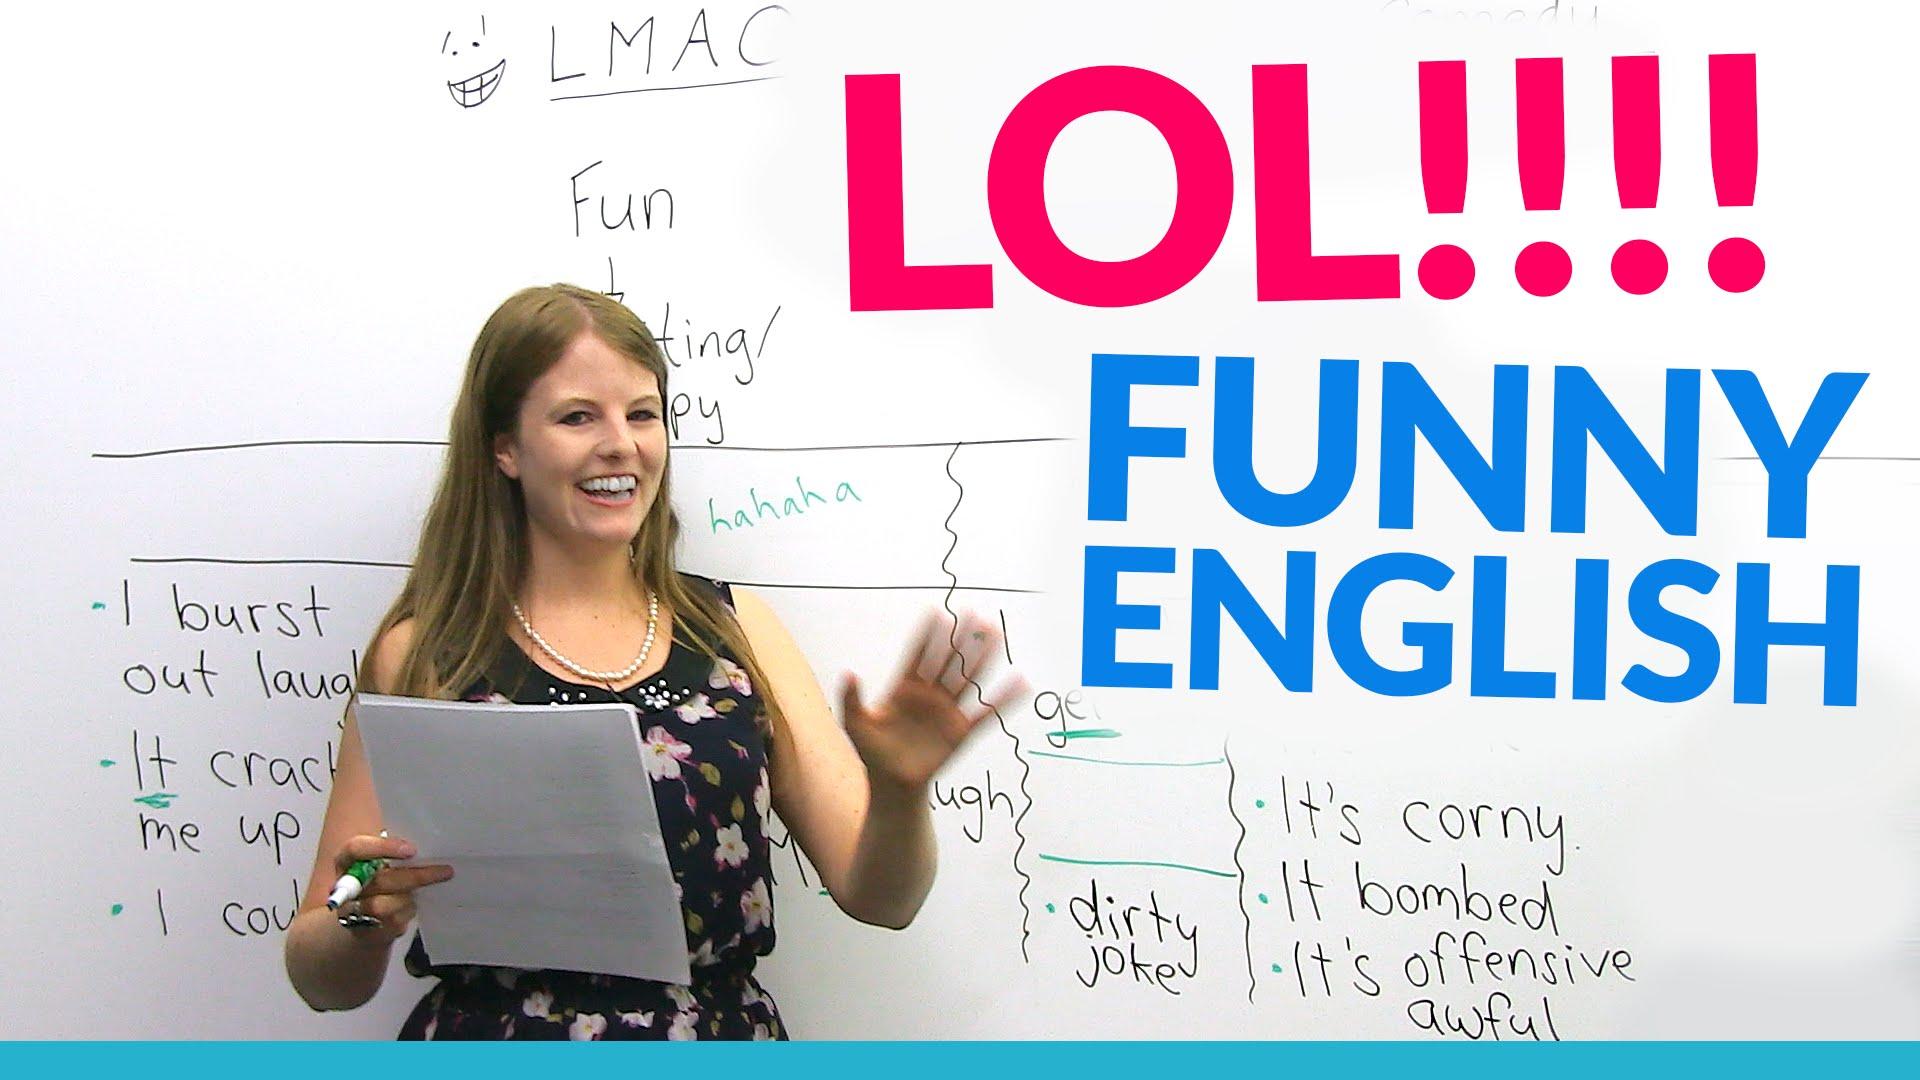 9個練習 英文口說 時常犯的錯 | 英文學習網址 | 啄木鳥學習